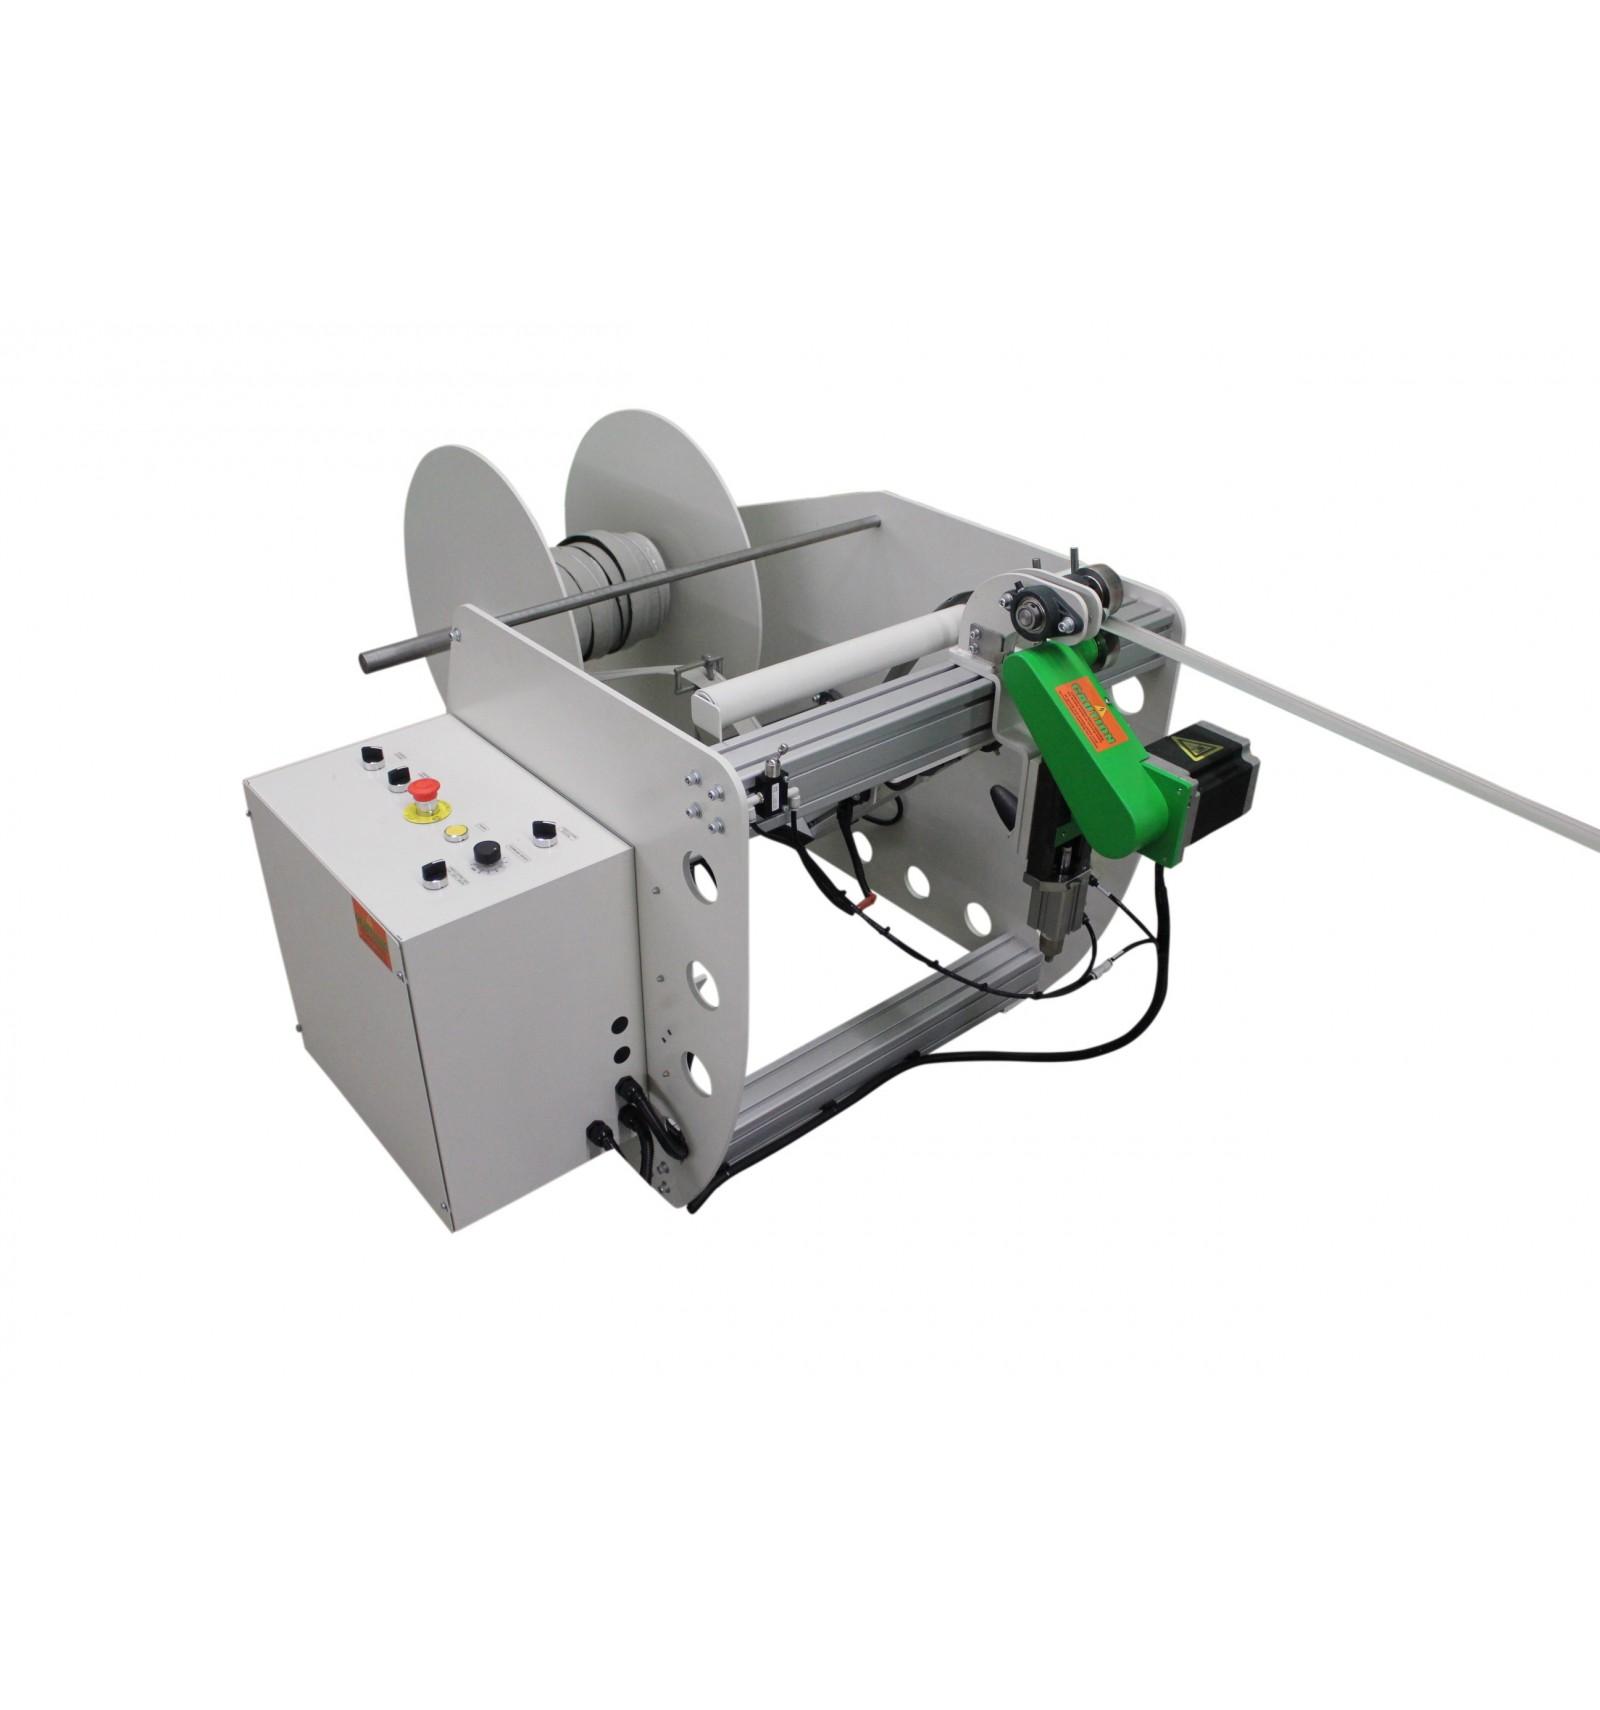 Vente machine souder fer chaud et air chaud t300 extreme - Machine de fabrication de treillis a souder ...